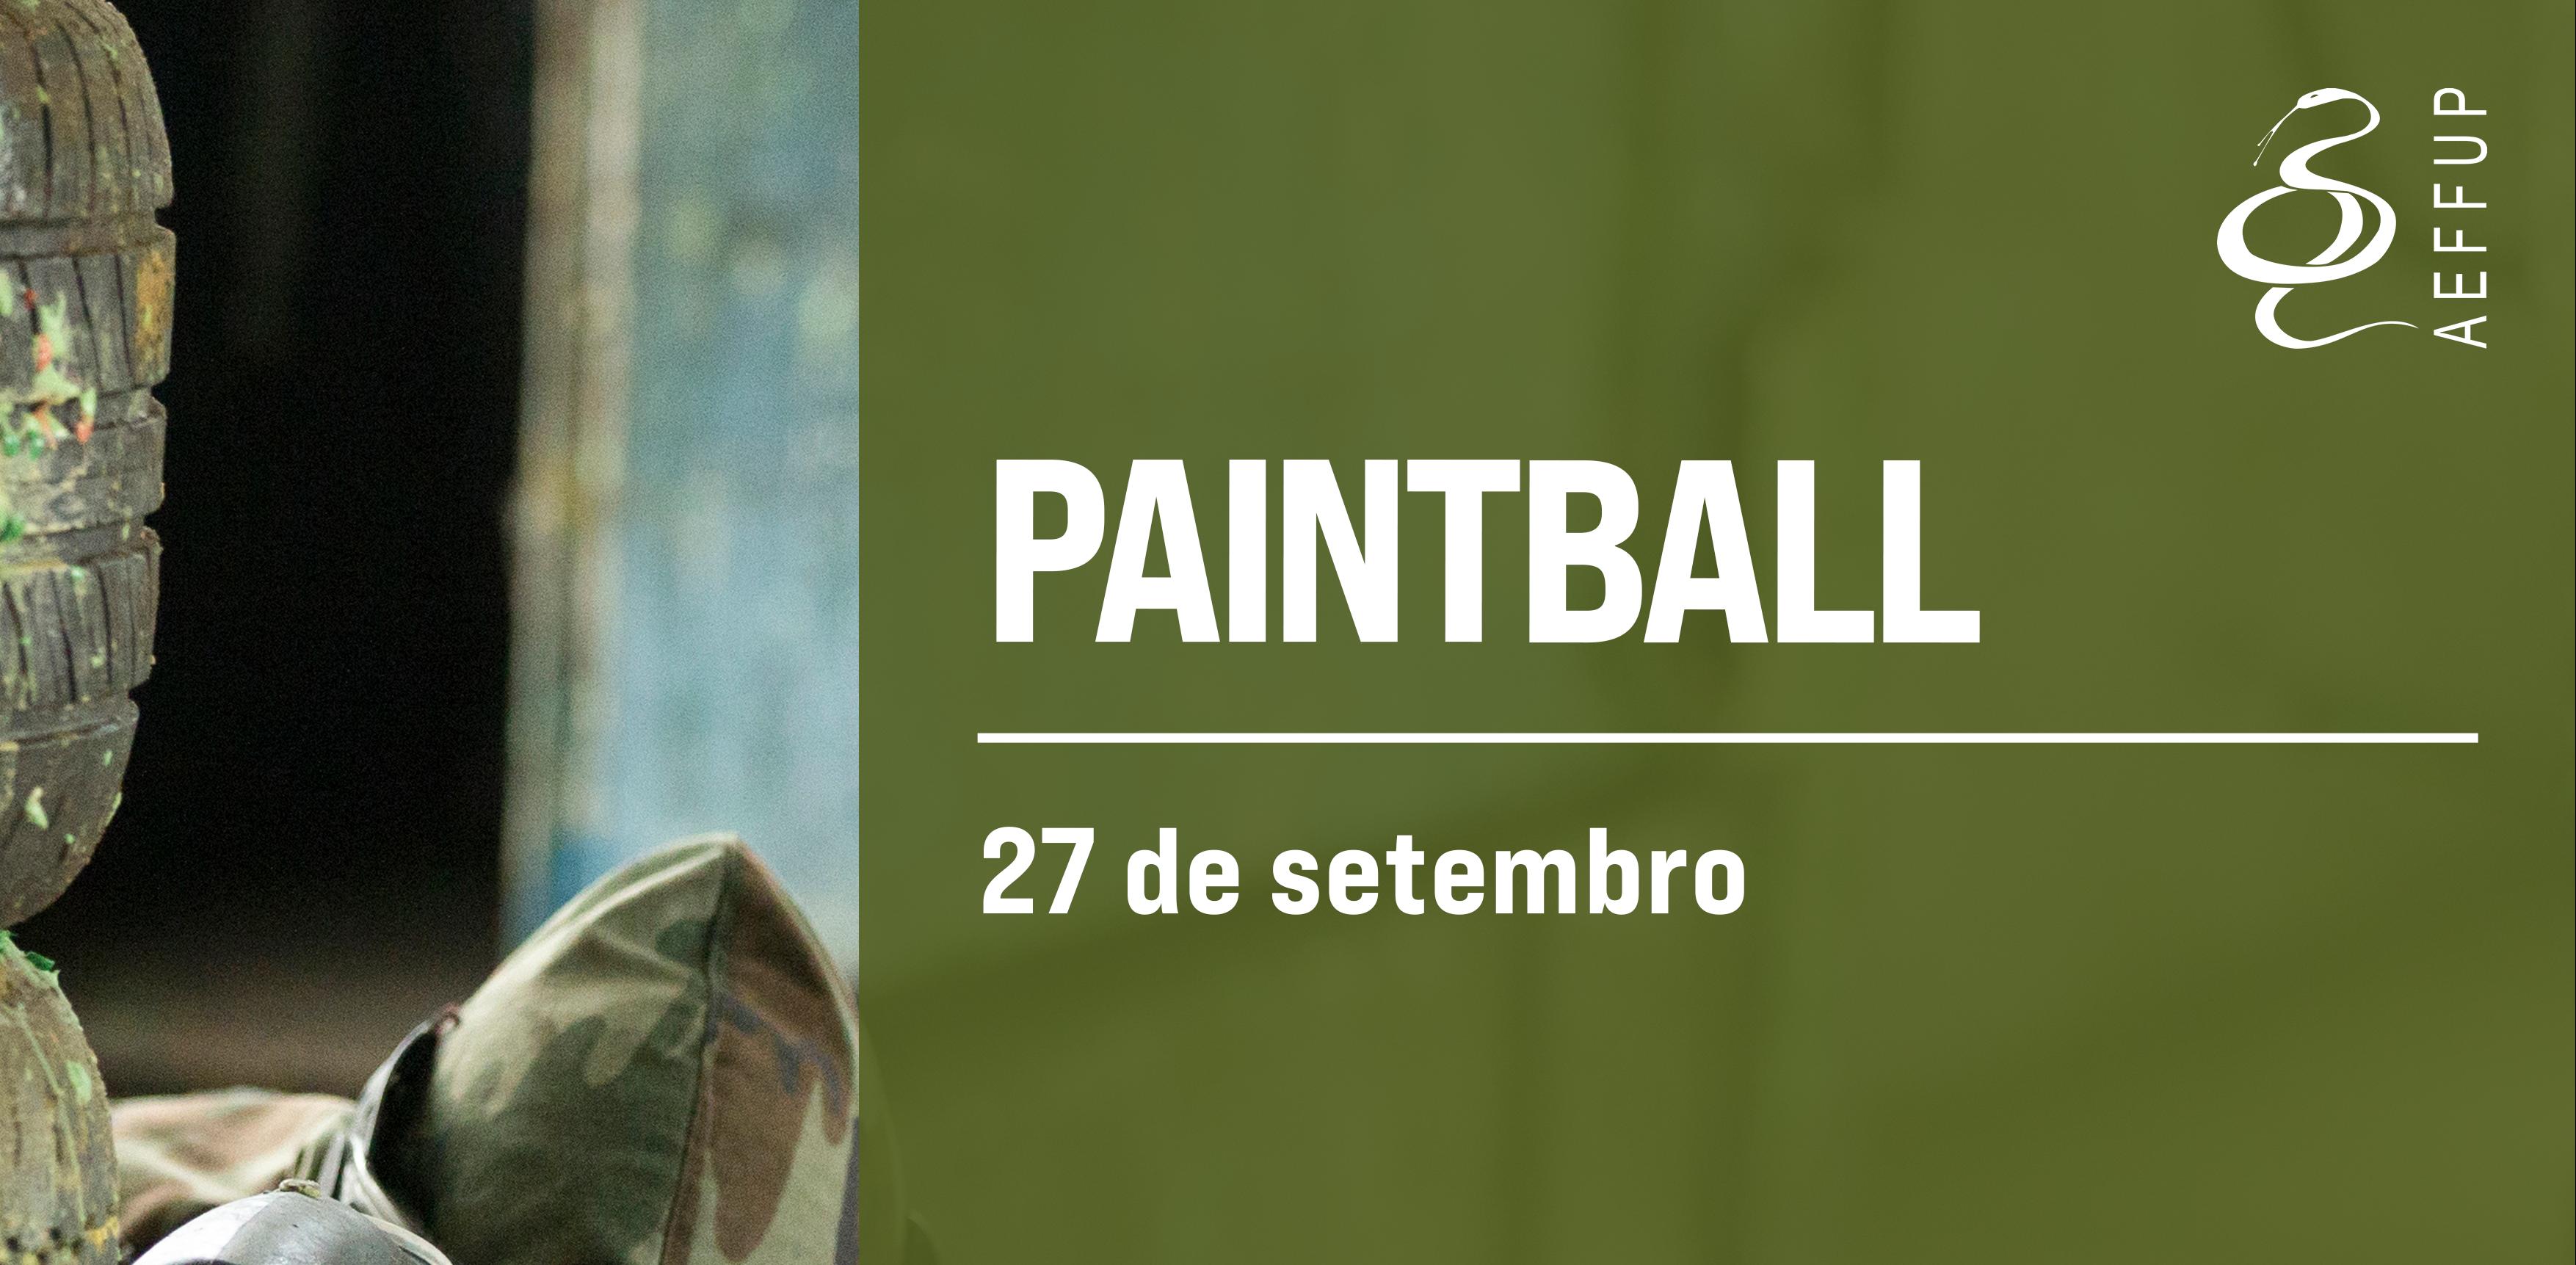 Paintball (Cartaz)